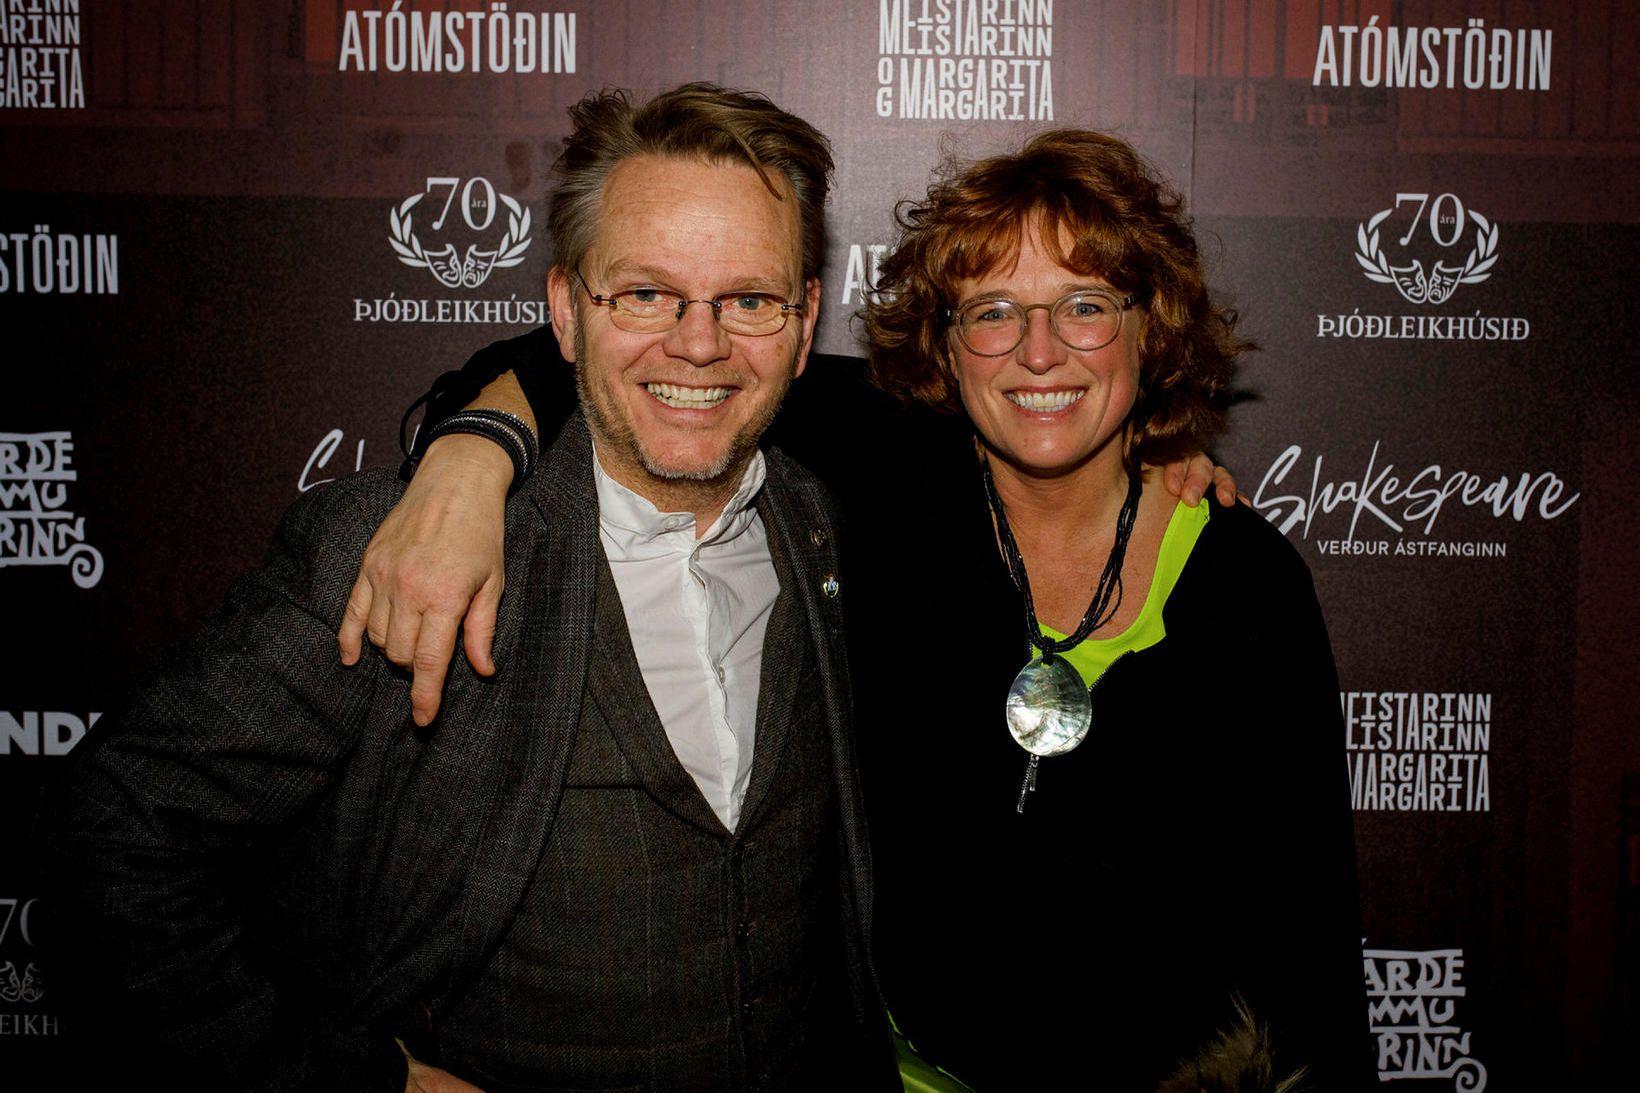 Hjónin Gunnar Helgason og Björk Jakobsdóttir